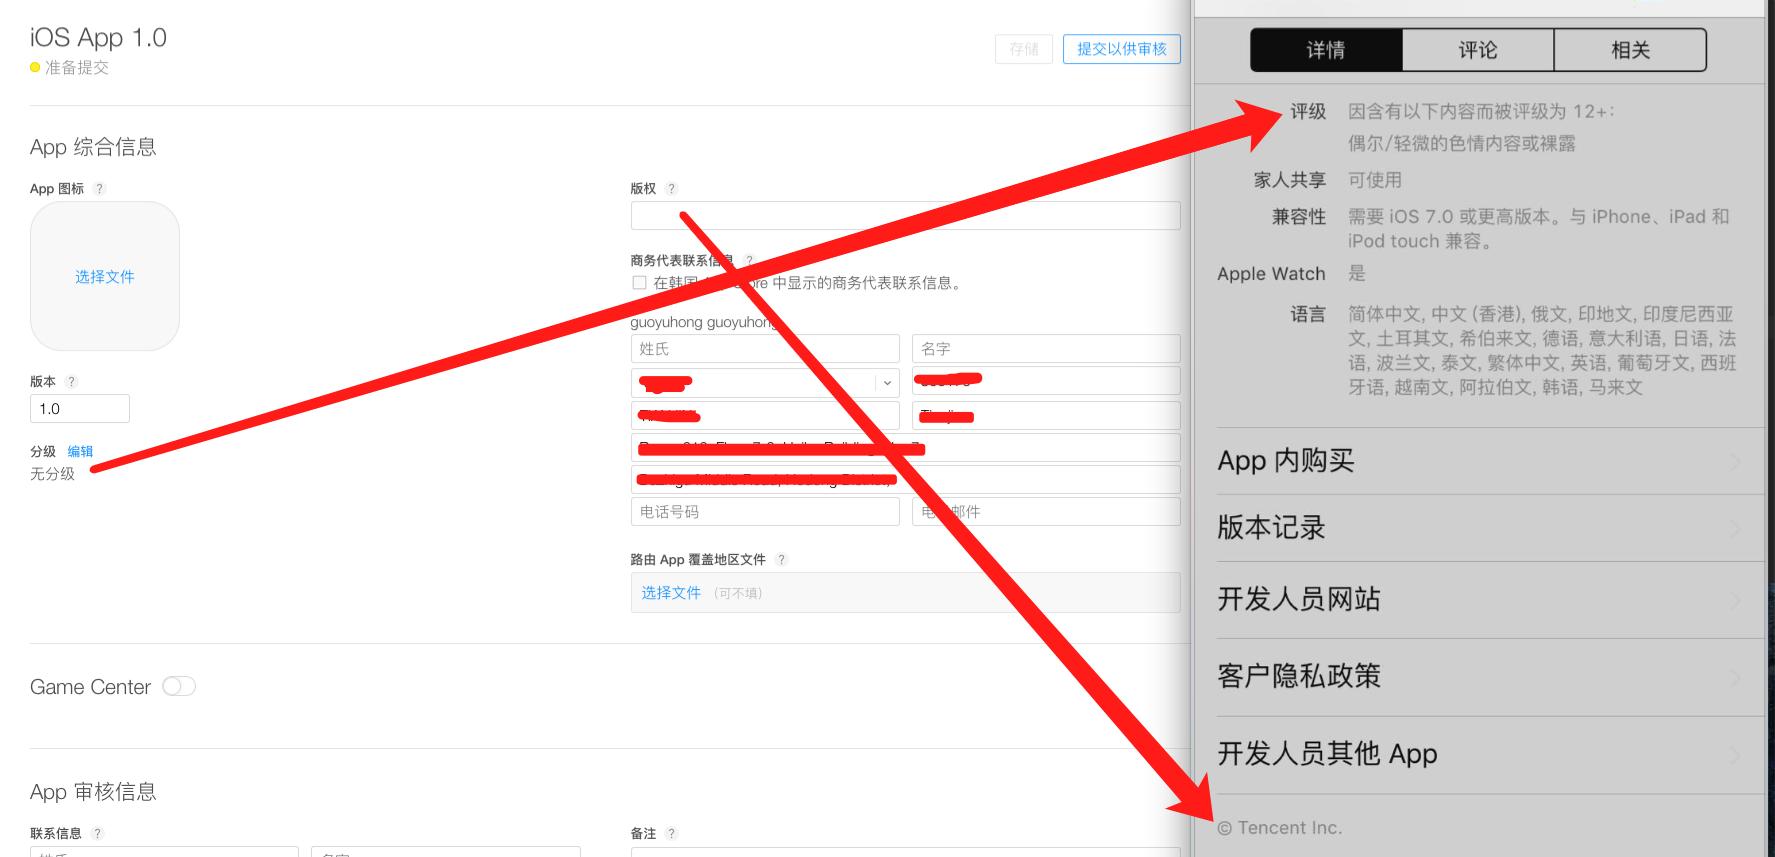 分级显示和版权信息显示